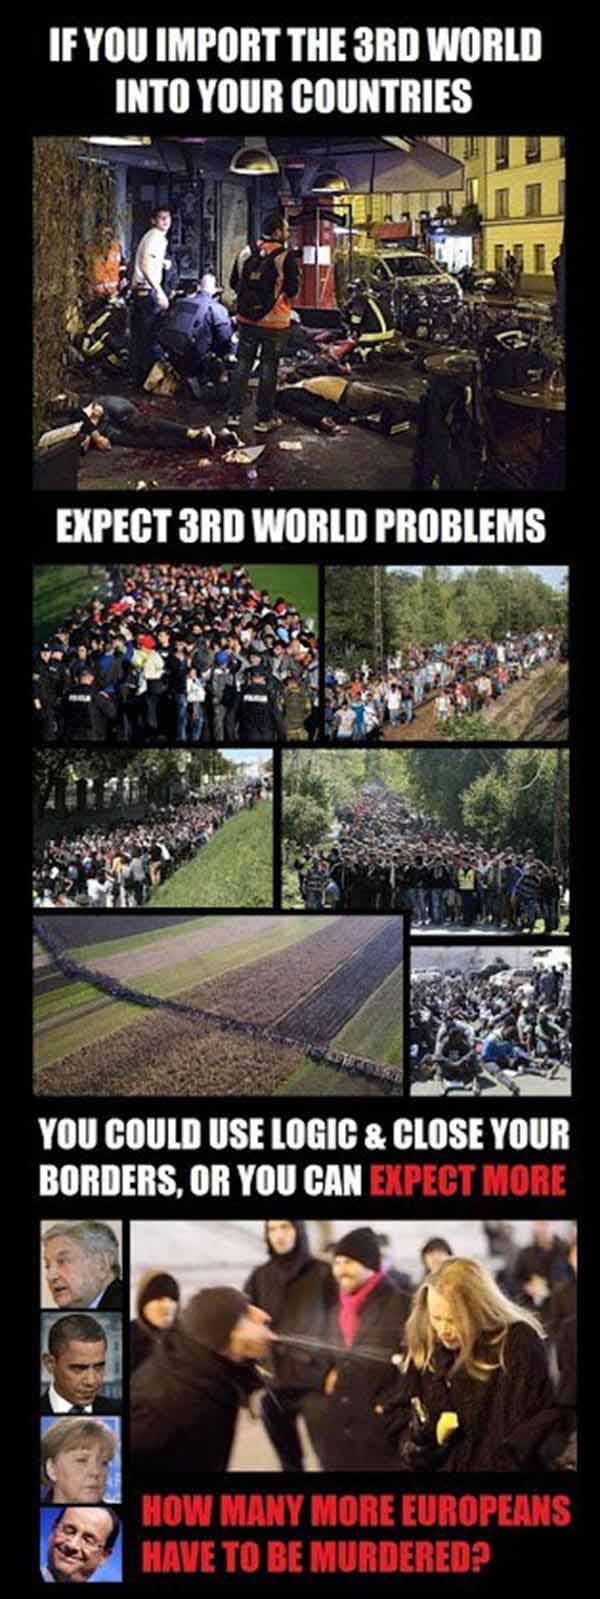 Wer die Dritte Welt importiert, muss sich nicht wundern, wenn er Dritte Welt Probleme im Land hat. #Date:01.2016#